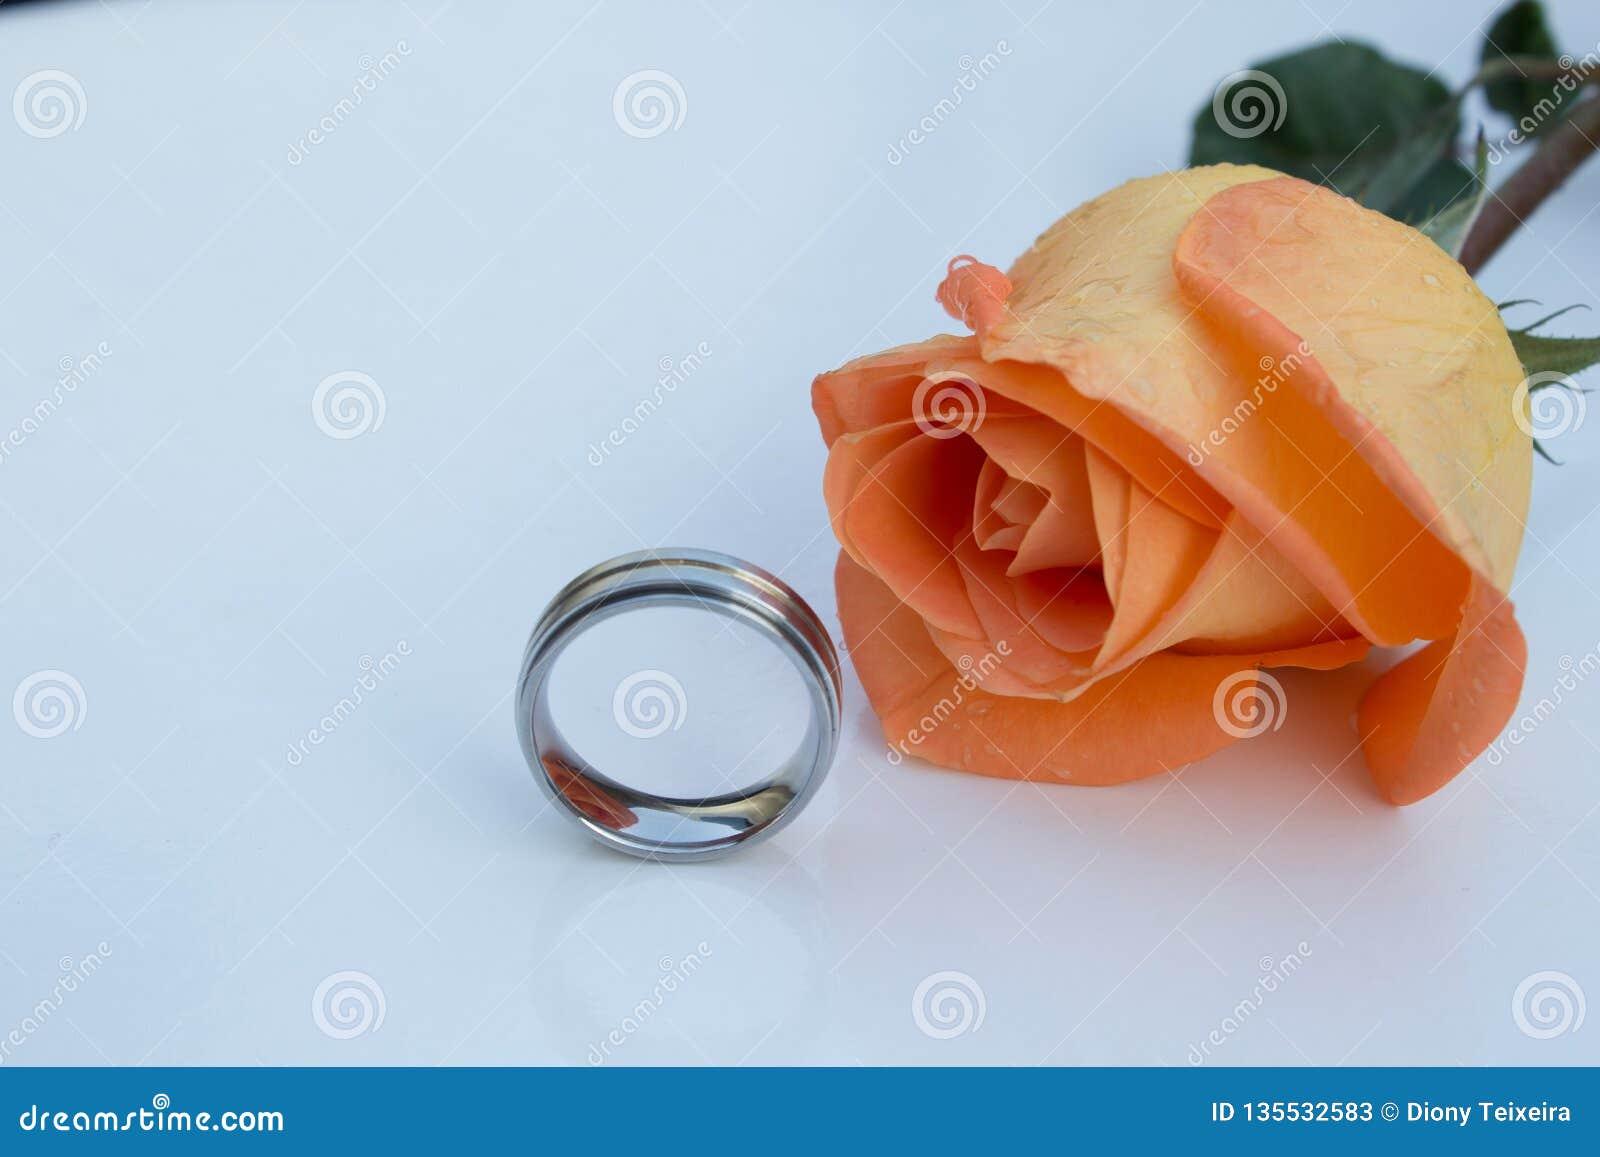 Rosa cromada e alaranjada da aliança de casamento, no fundo branco